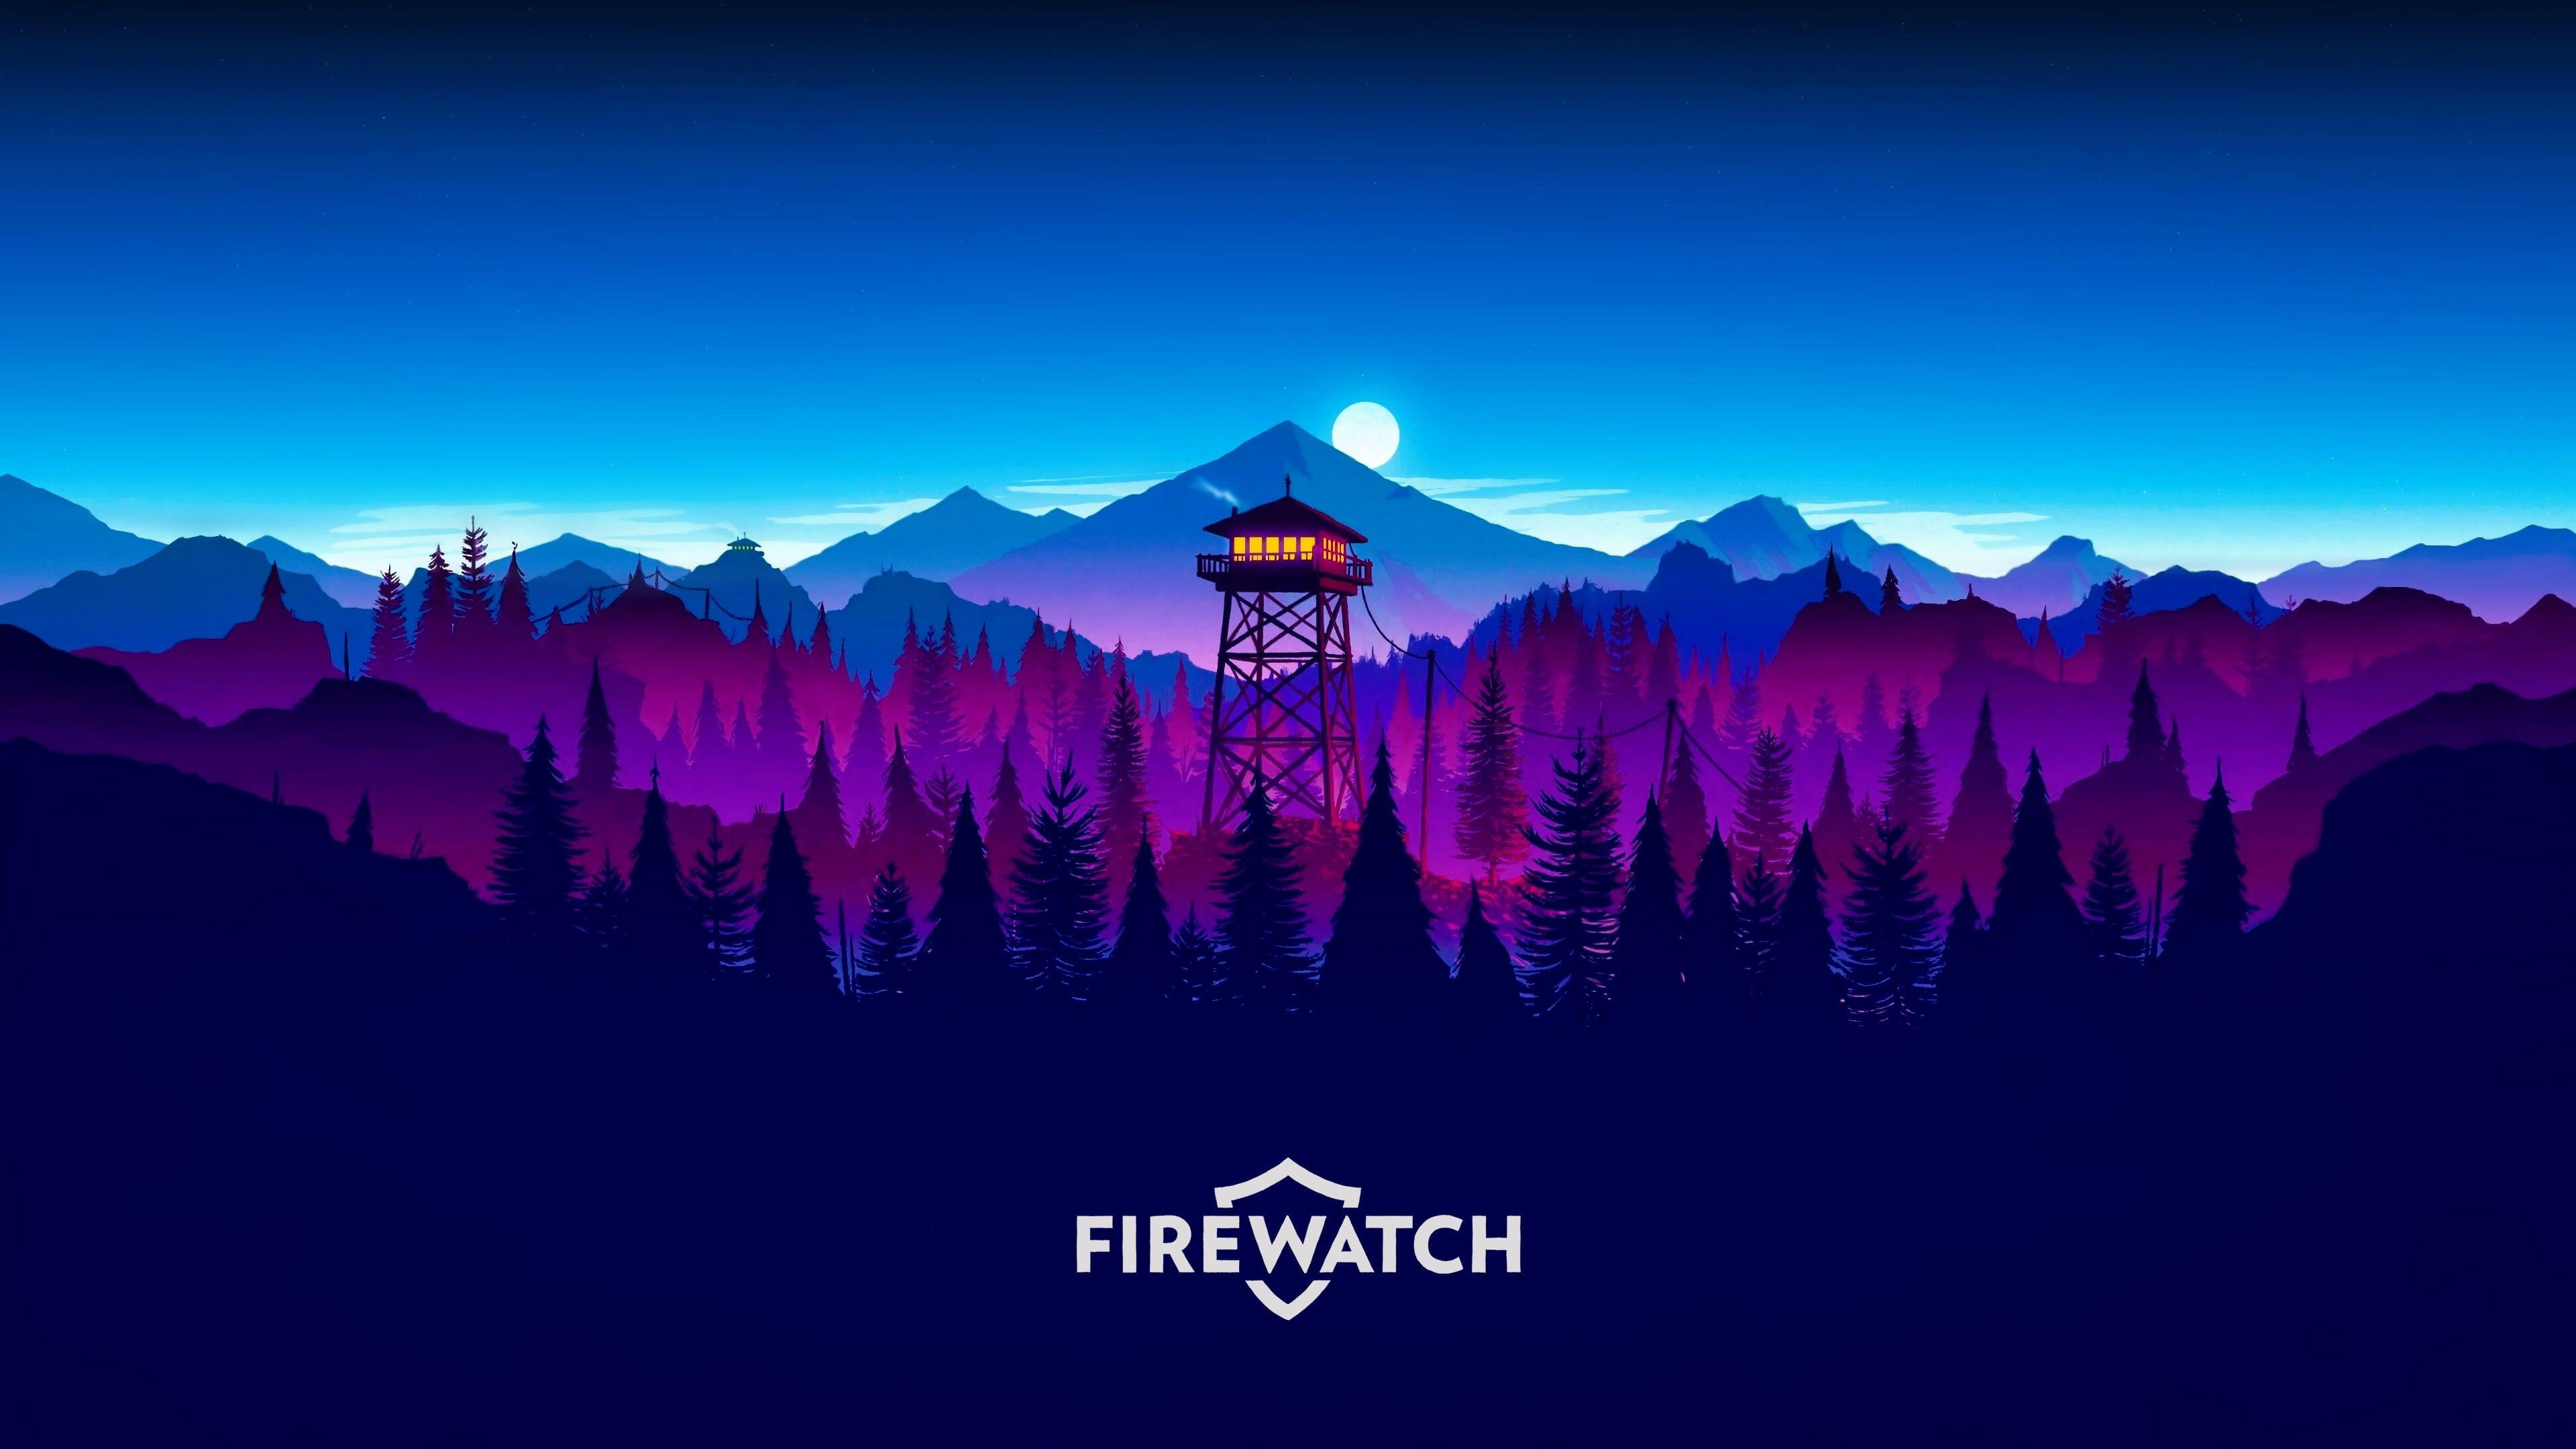 Firewatch Digital Wallpaper Purple And Blue Mountains Illustration Firewatch Video Games Forest Natu Sunset Artwork Desktop Wallpaper Art Digital Wallpaper